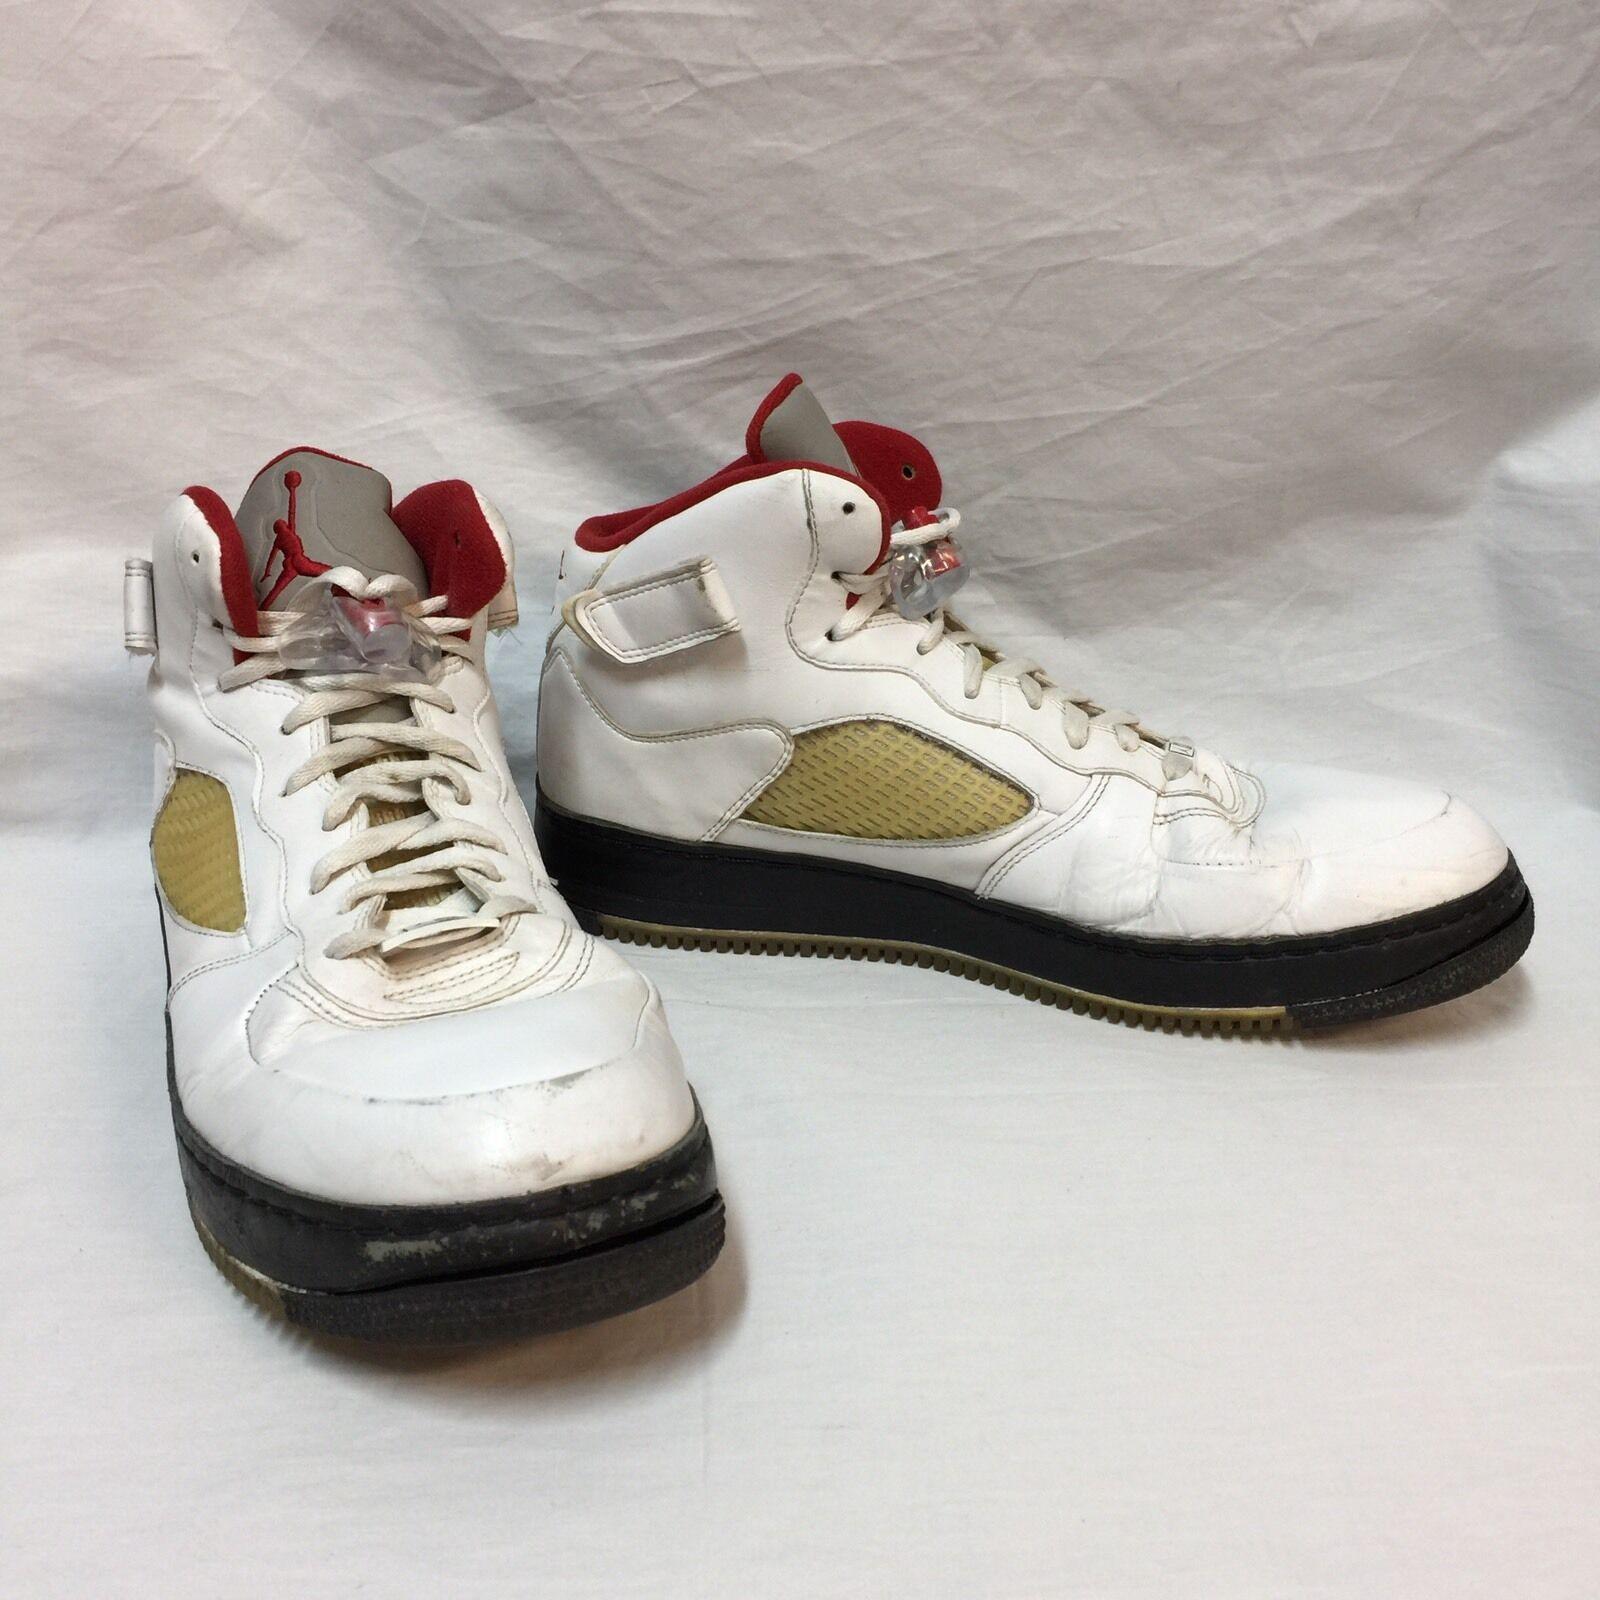 Nike - schuhe 318608-161 air jordan - fusion weiße uni rot - jordan schwarz größe 14 ajf 5 27410b